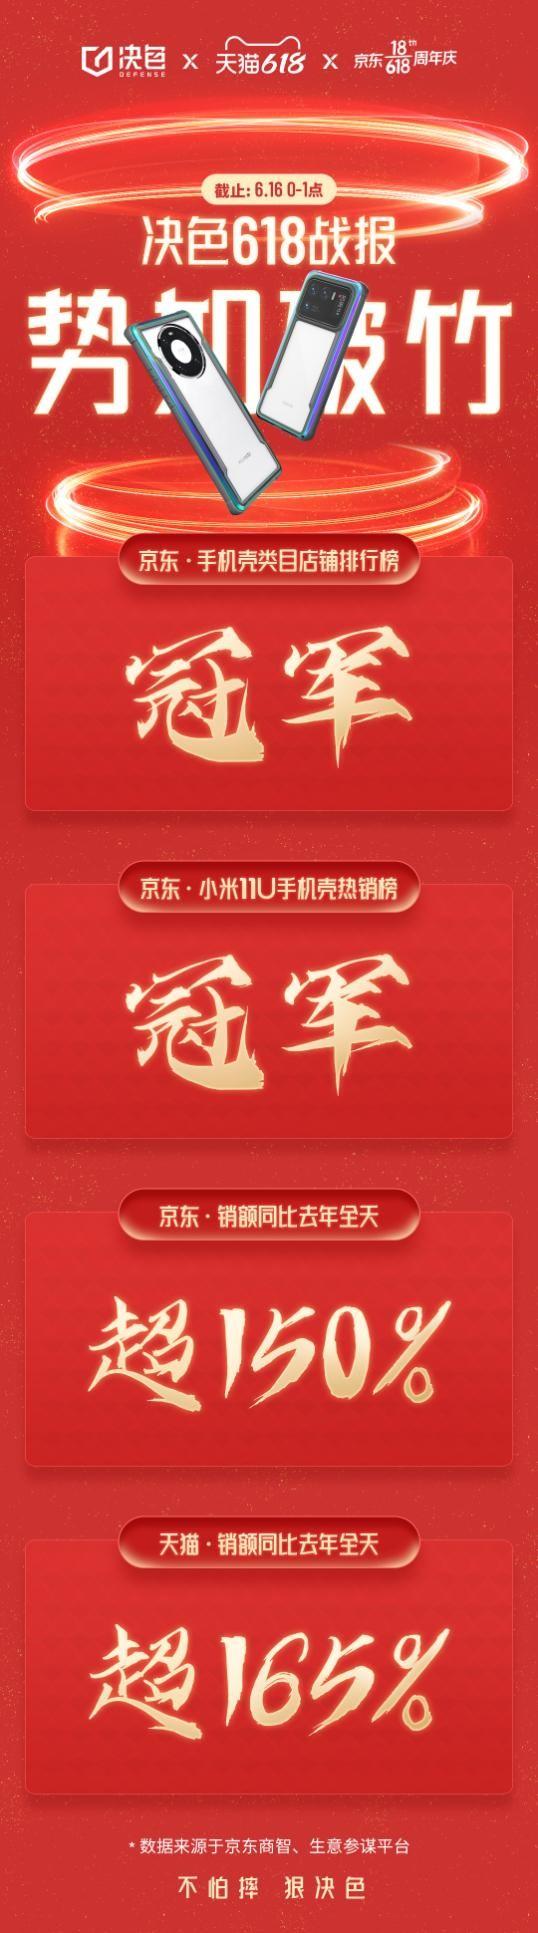 高端手机壳品牌——决色占领C位,获618京东店铺冠军!